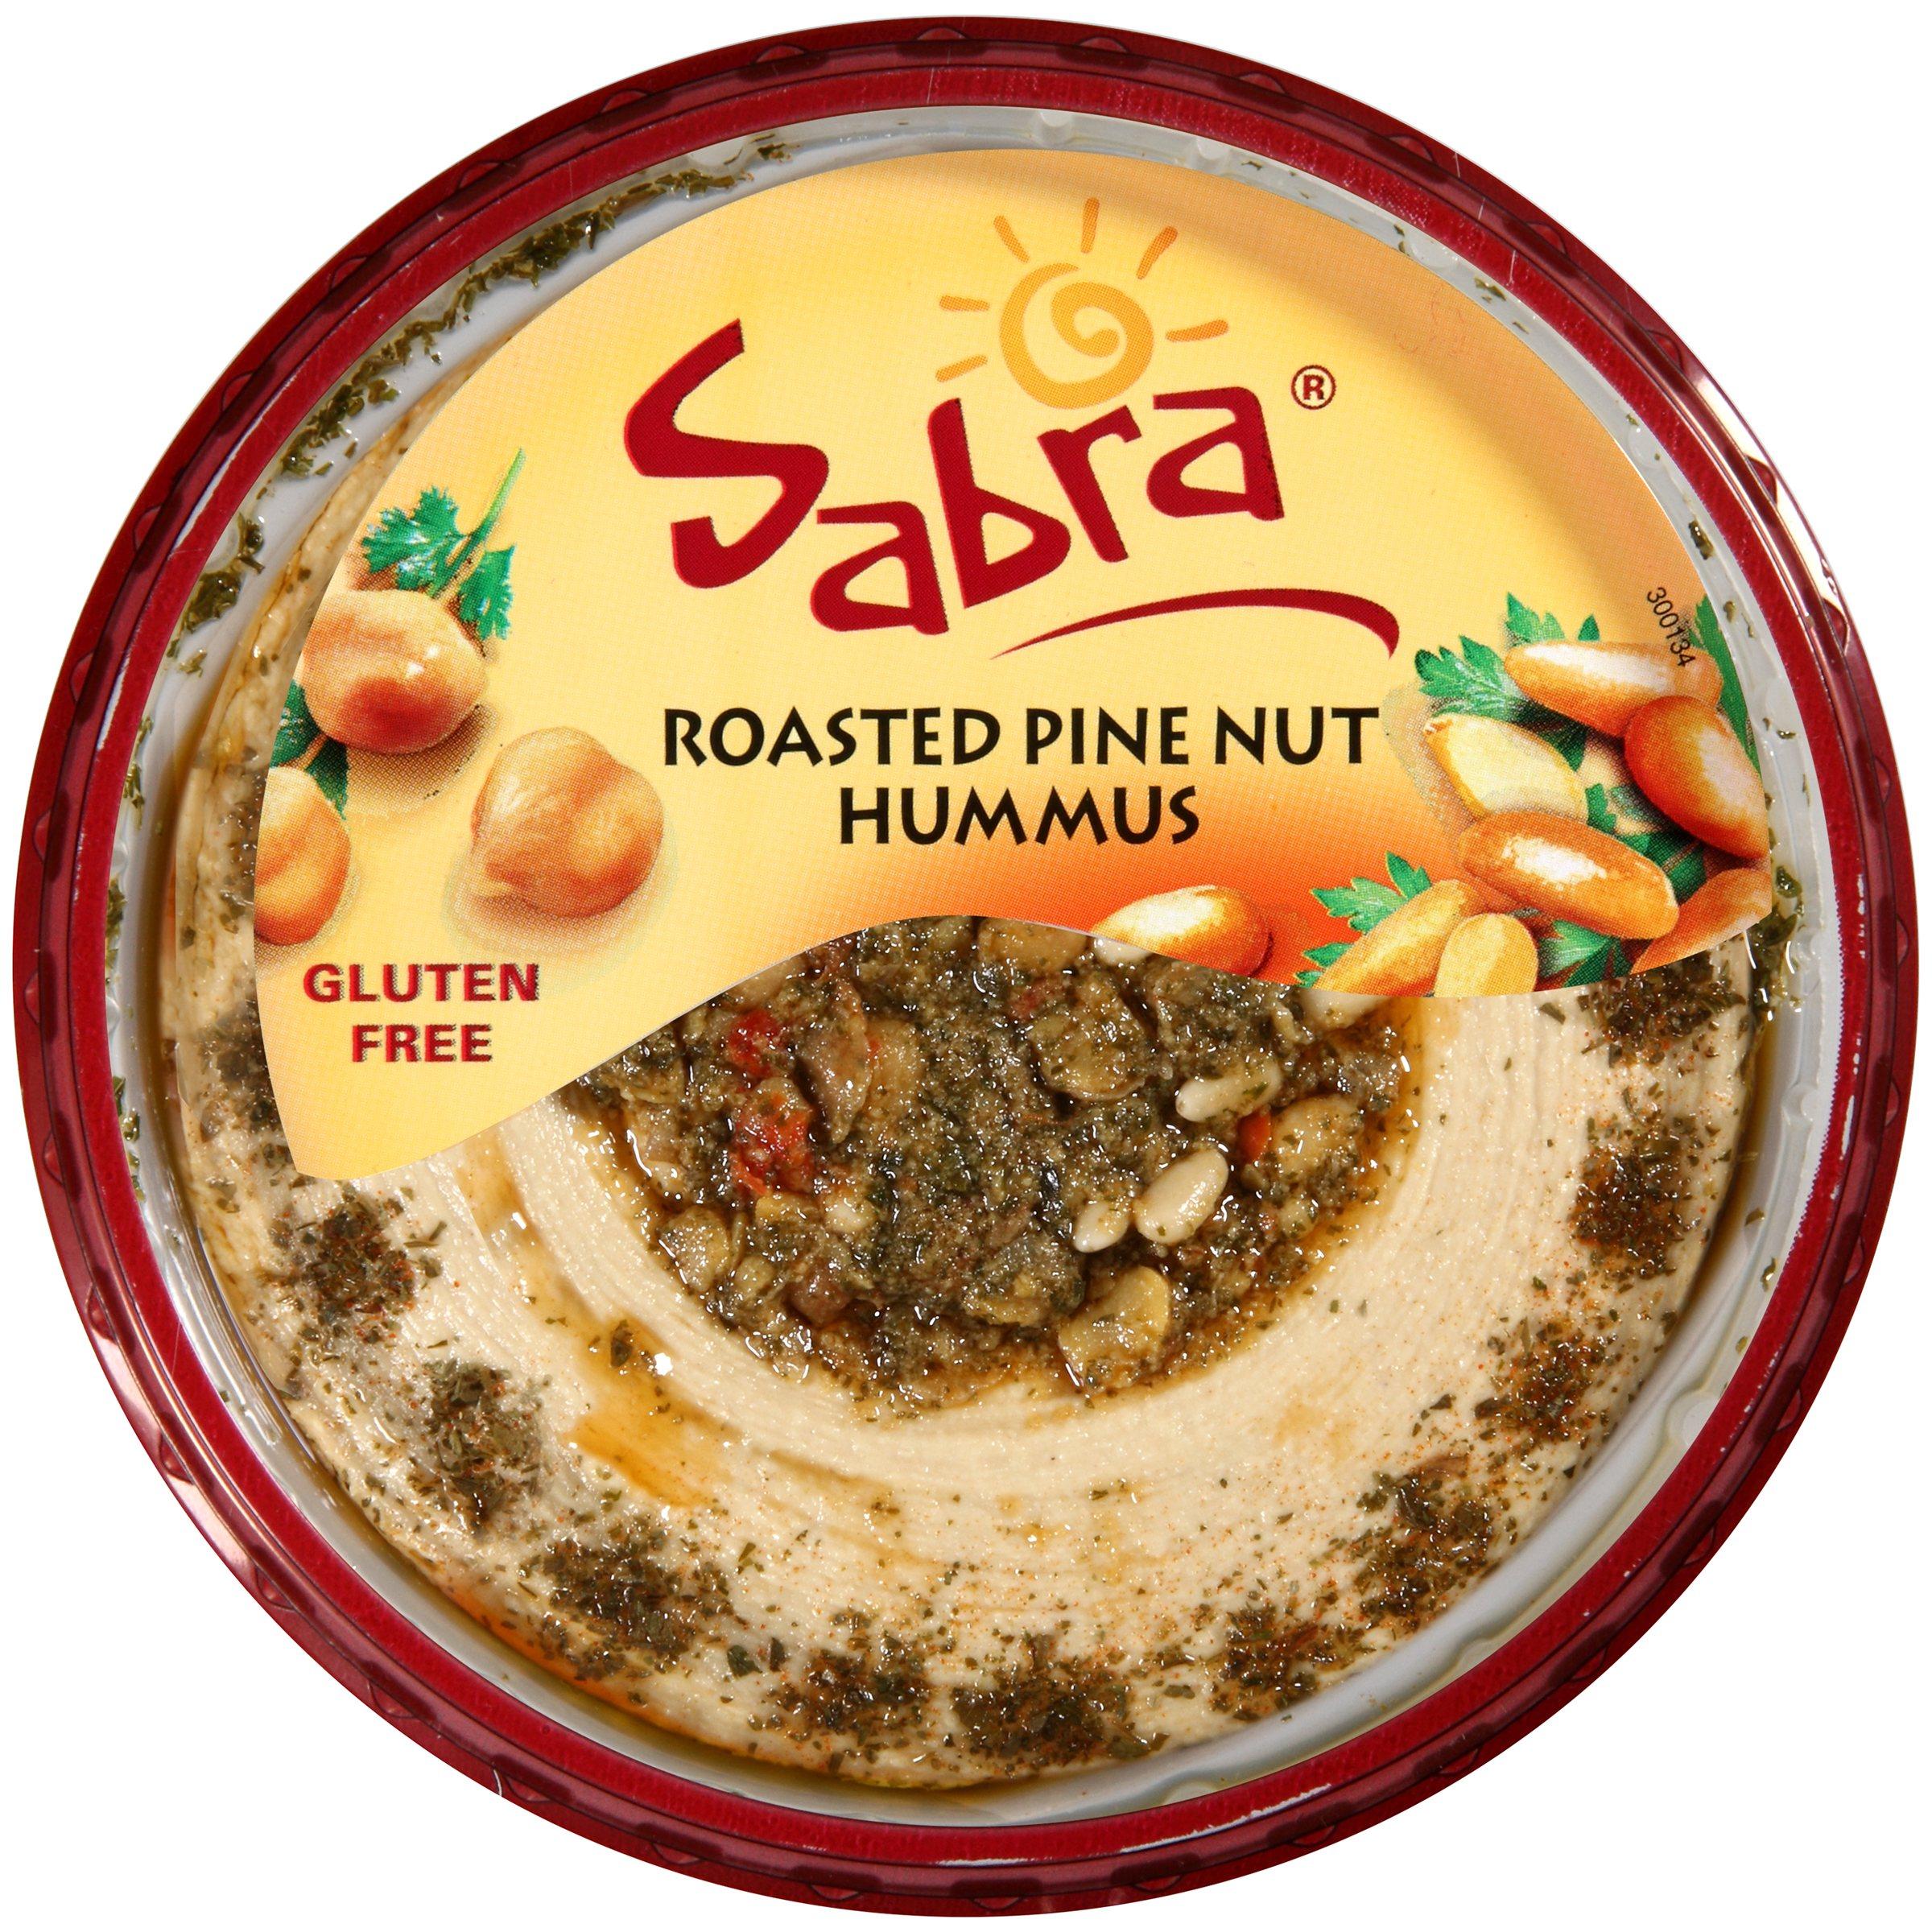 Sabra Roasted Pine Nut Hummus 7 oz. Tub